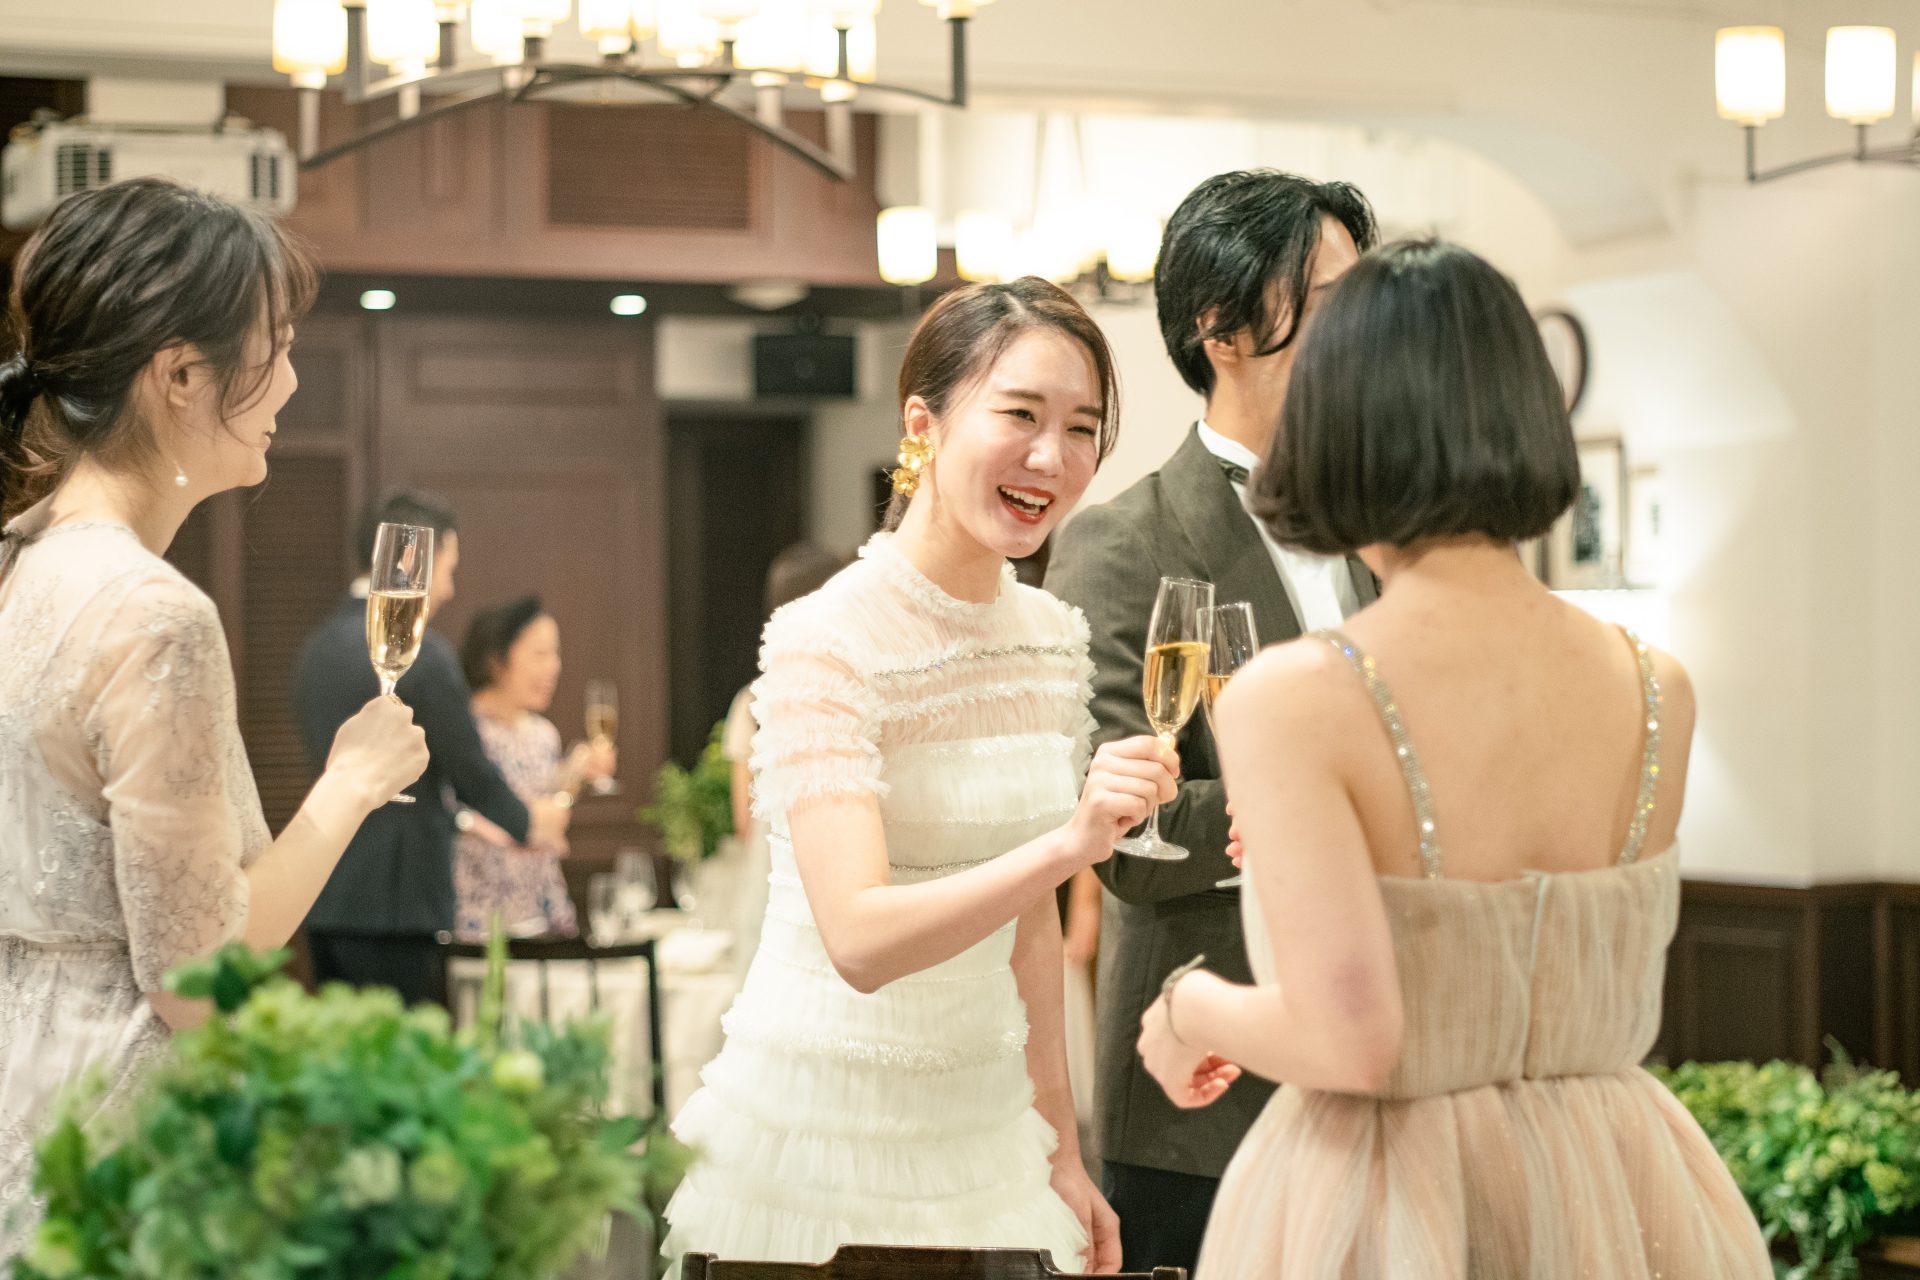 京都エリアにてご結婚式をお考えの新郎新婦様にお勧めしたい